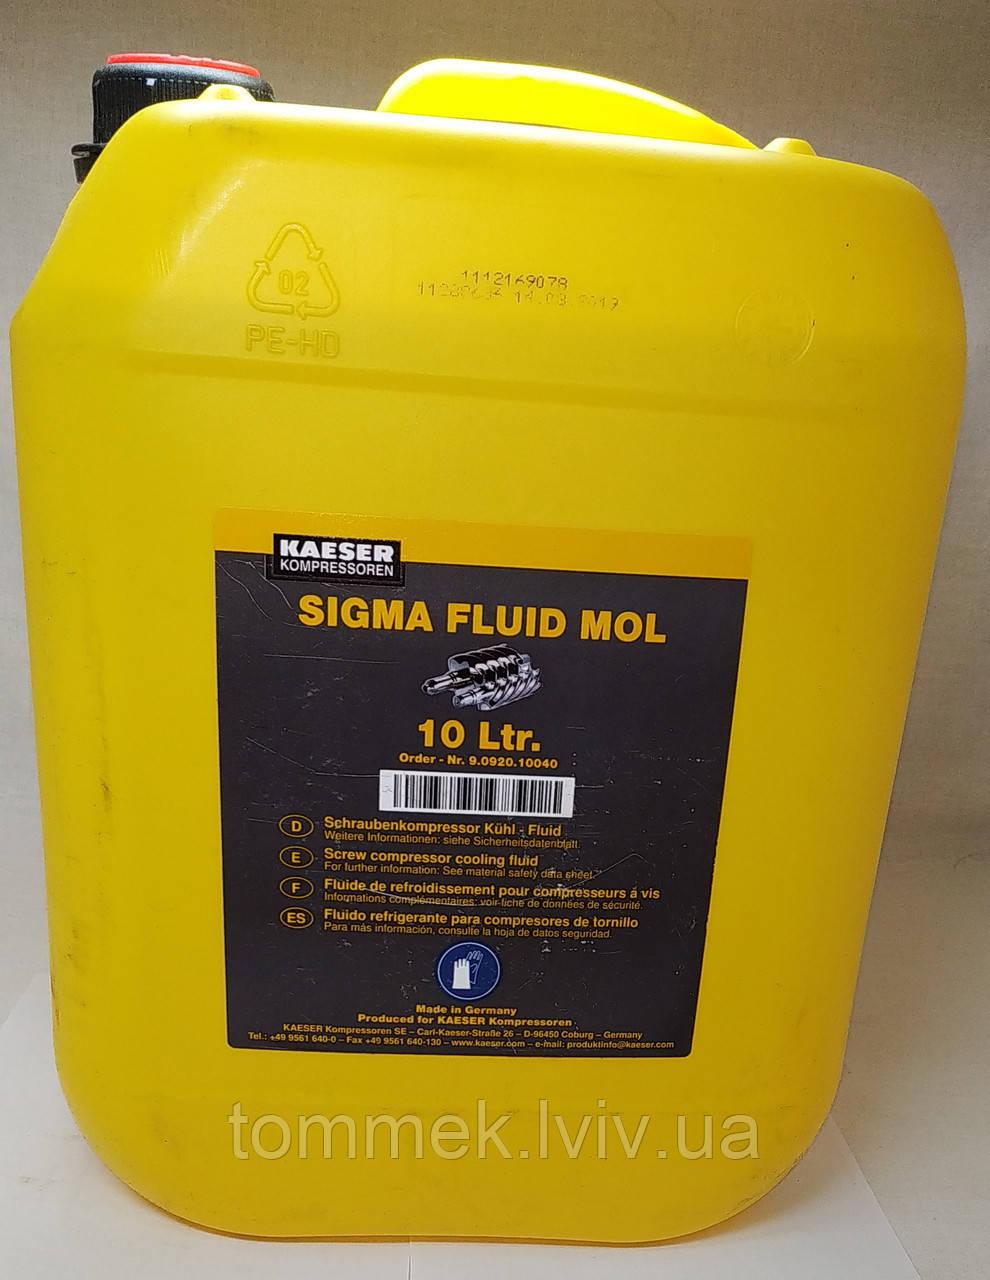 Масло для гвинтового компресора Kaeser синтетичне SIGMA FLUID FG 460 9.1462.0